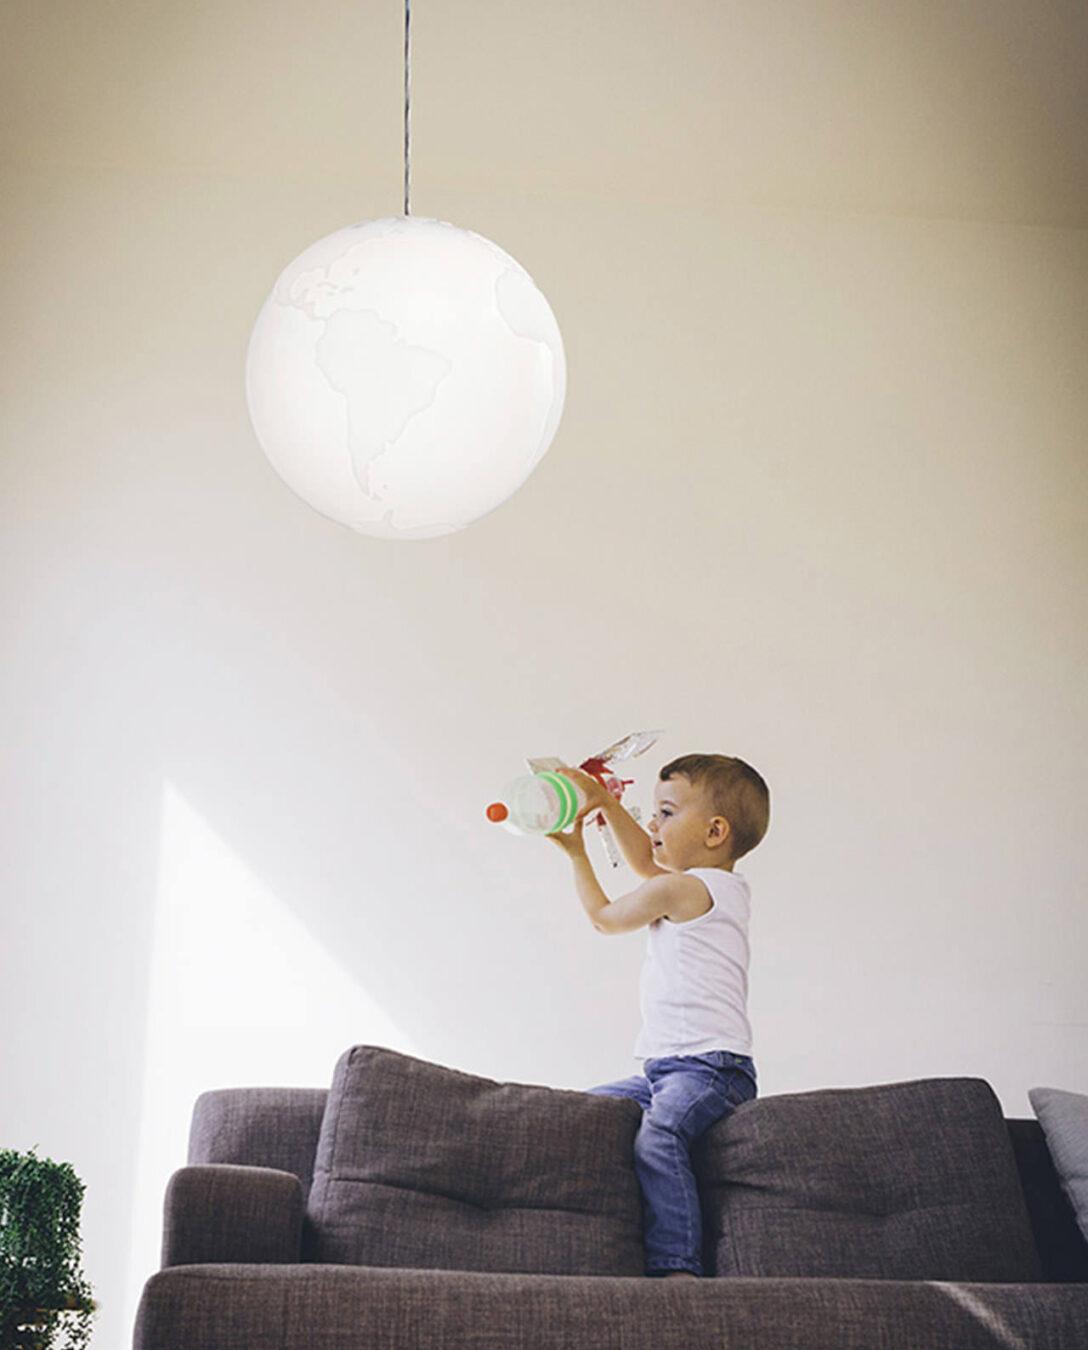 Large Size of Deckenlampe Kinderzimmer Pendant Light Planet Earth Suspension Lamp Formagenda Regale Küche Sofa Esstisch Deckenlampen Für Wohnzimmer Schlafzimmer Modern Kinderzimmer Deckenlampe Kinderzimmer